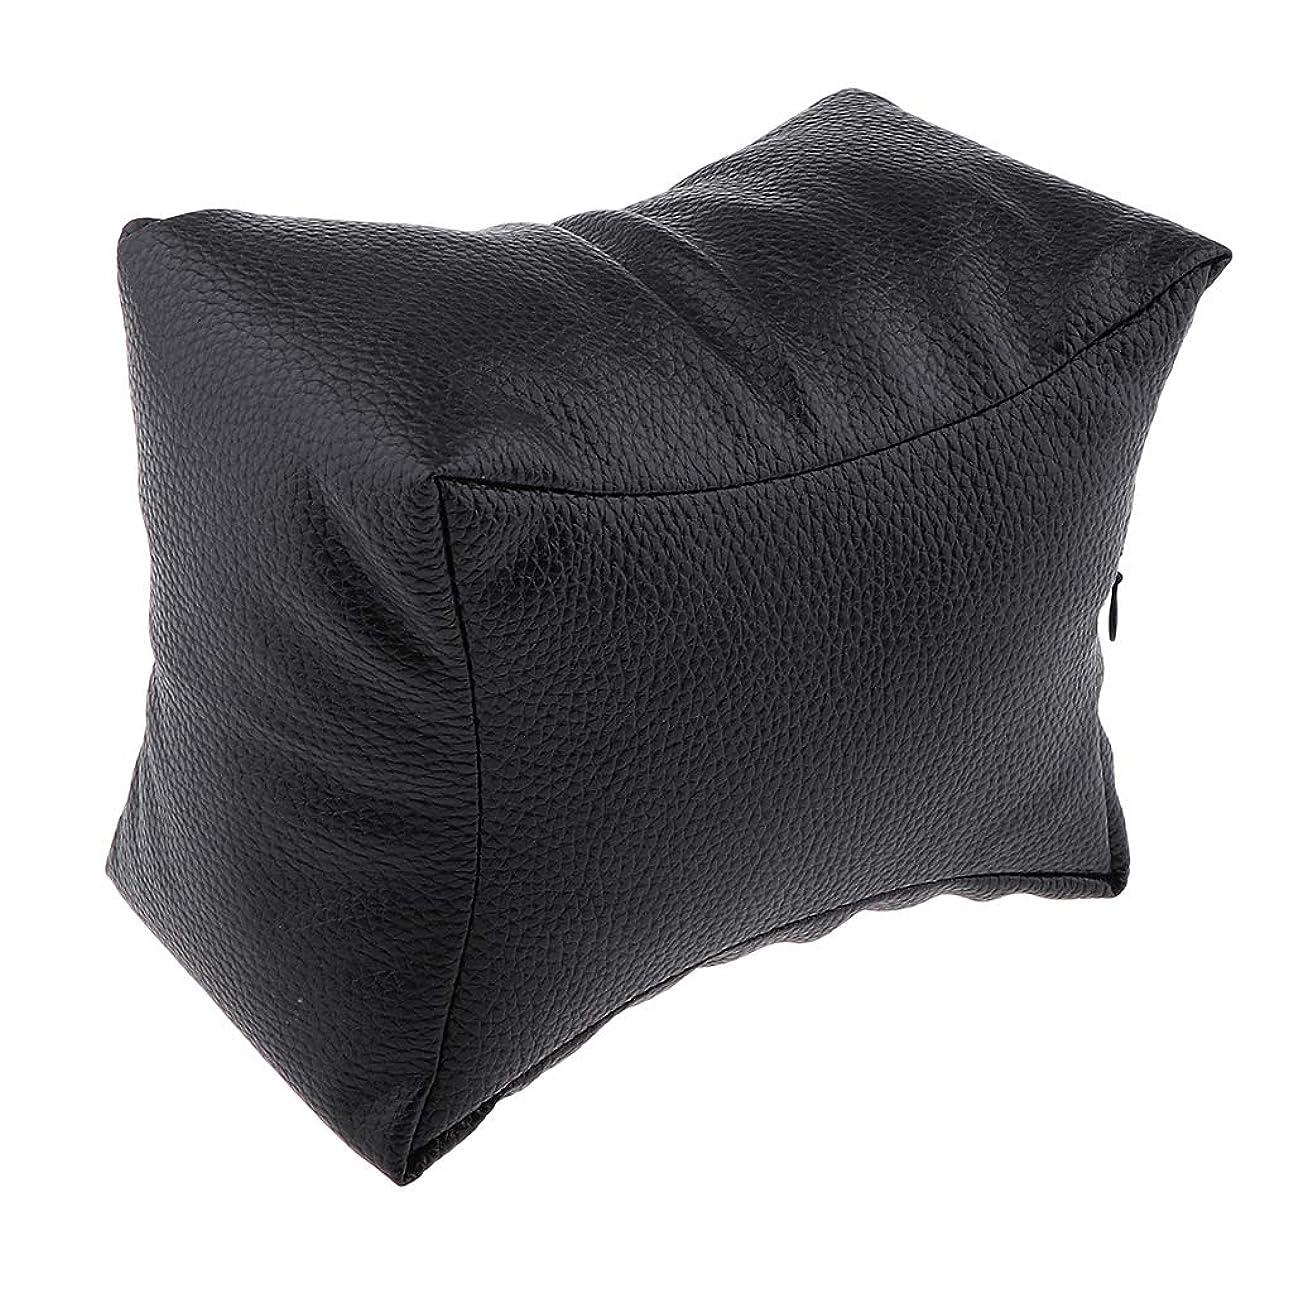 アッティカスメンテナンス見通しF Fityle ネイルアートデザイン ハンドクッション レストピロー ソフト ネイルサロン 4色選べ - ブラック